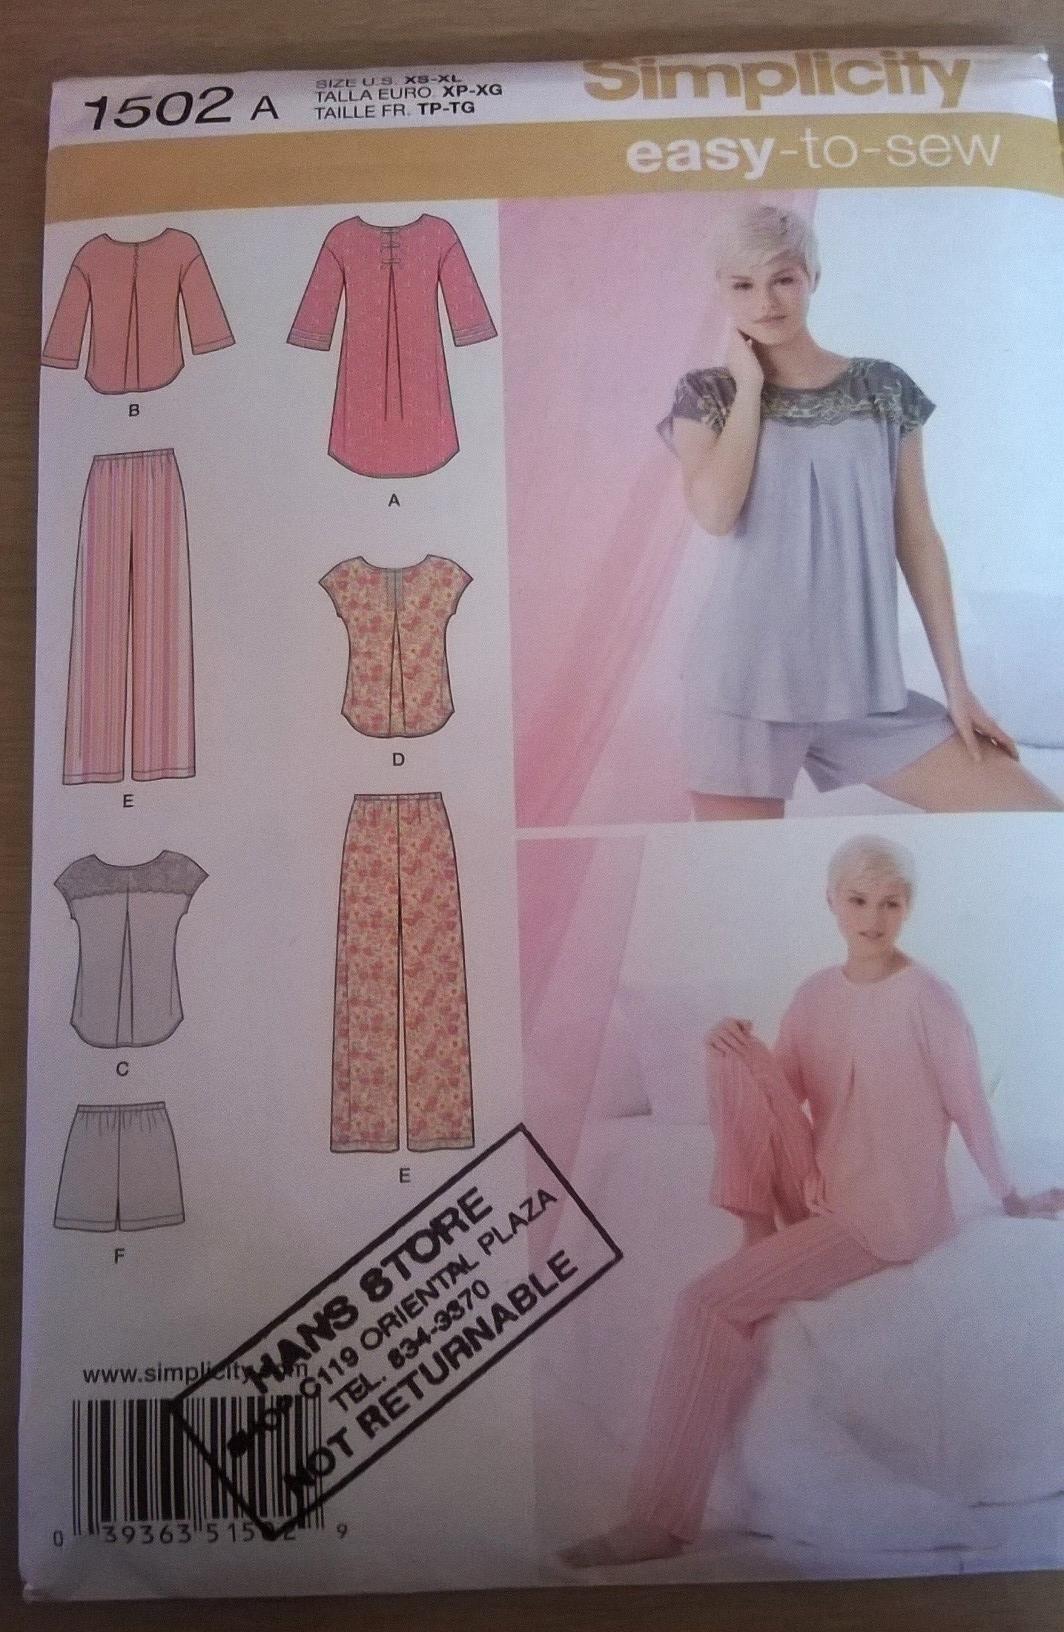 Simplicity pajama pattern